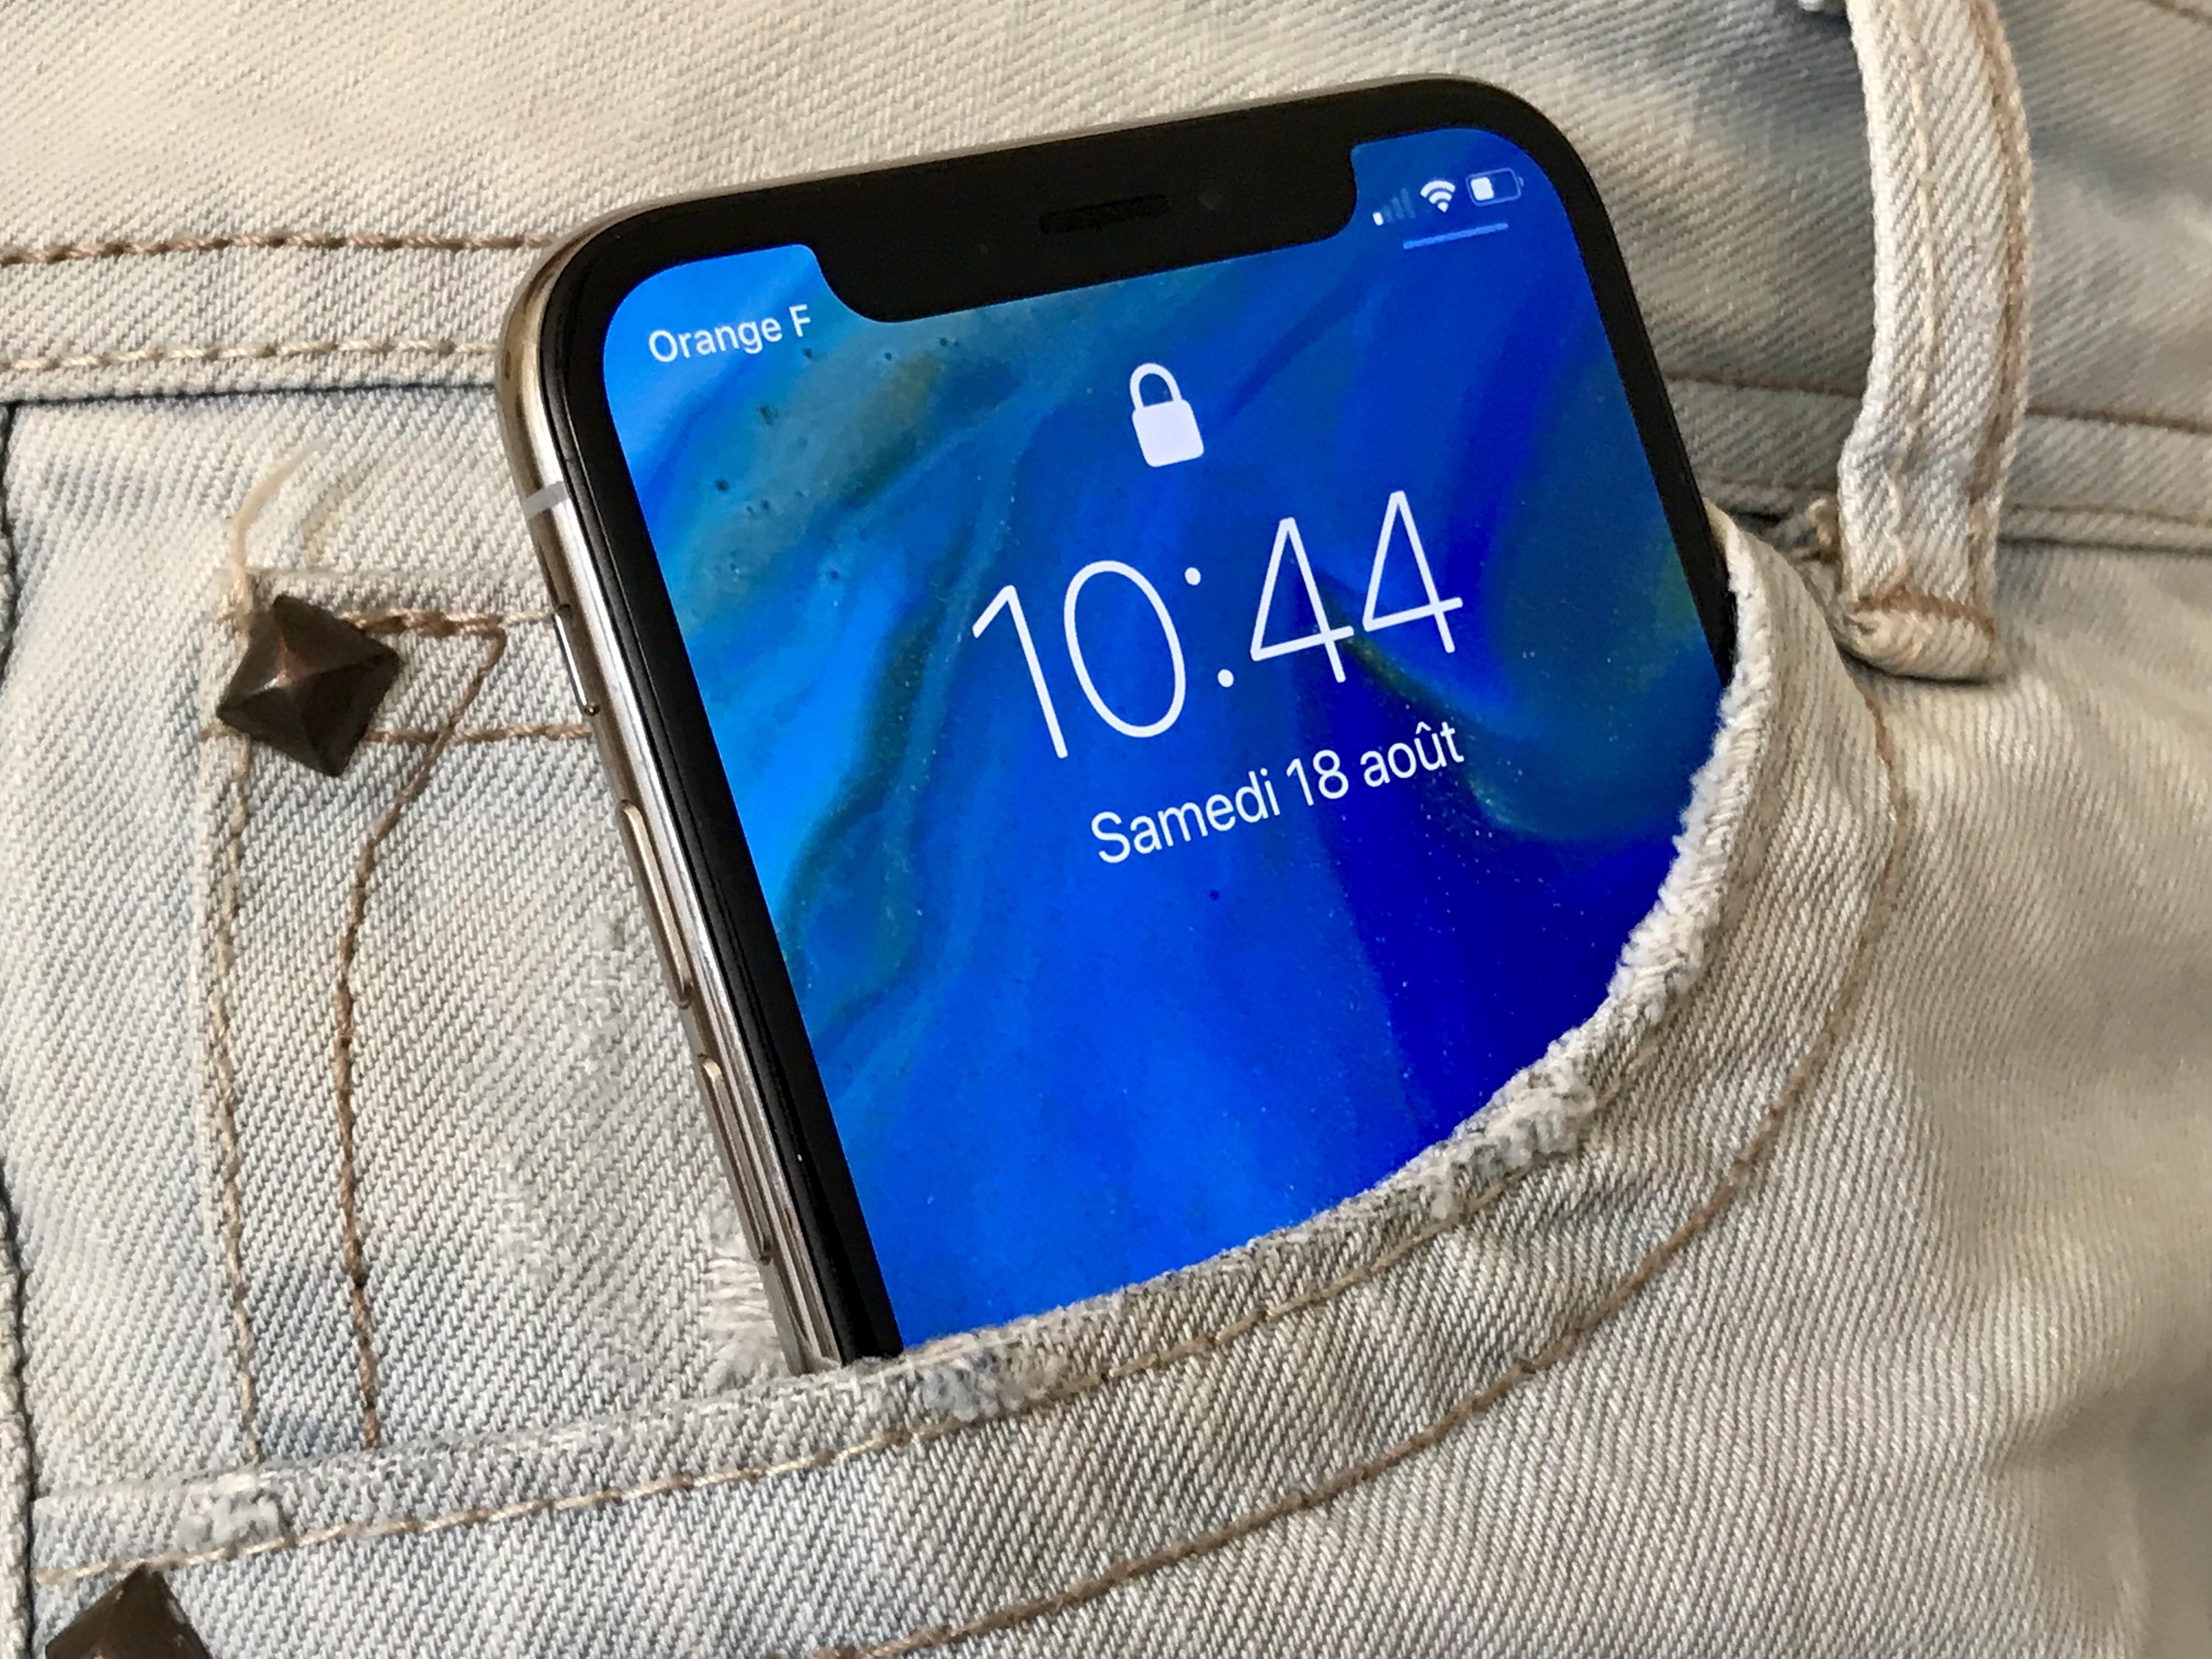 L'iPhone X se revend encore très cher, peu de temps avant l'arrivée de son successeur 1